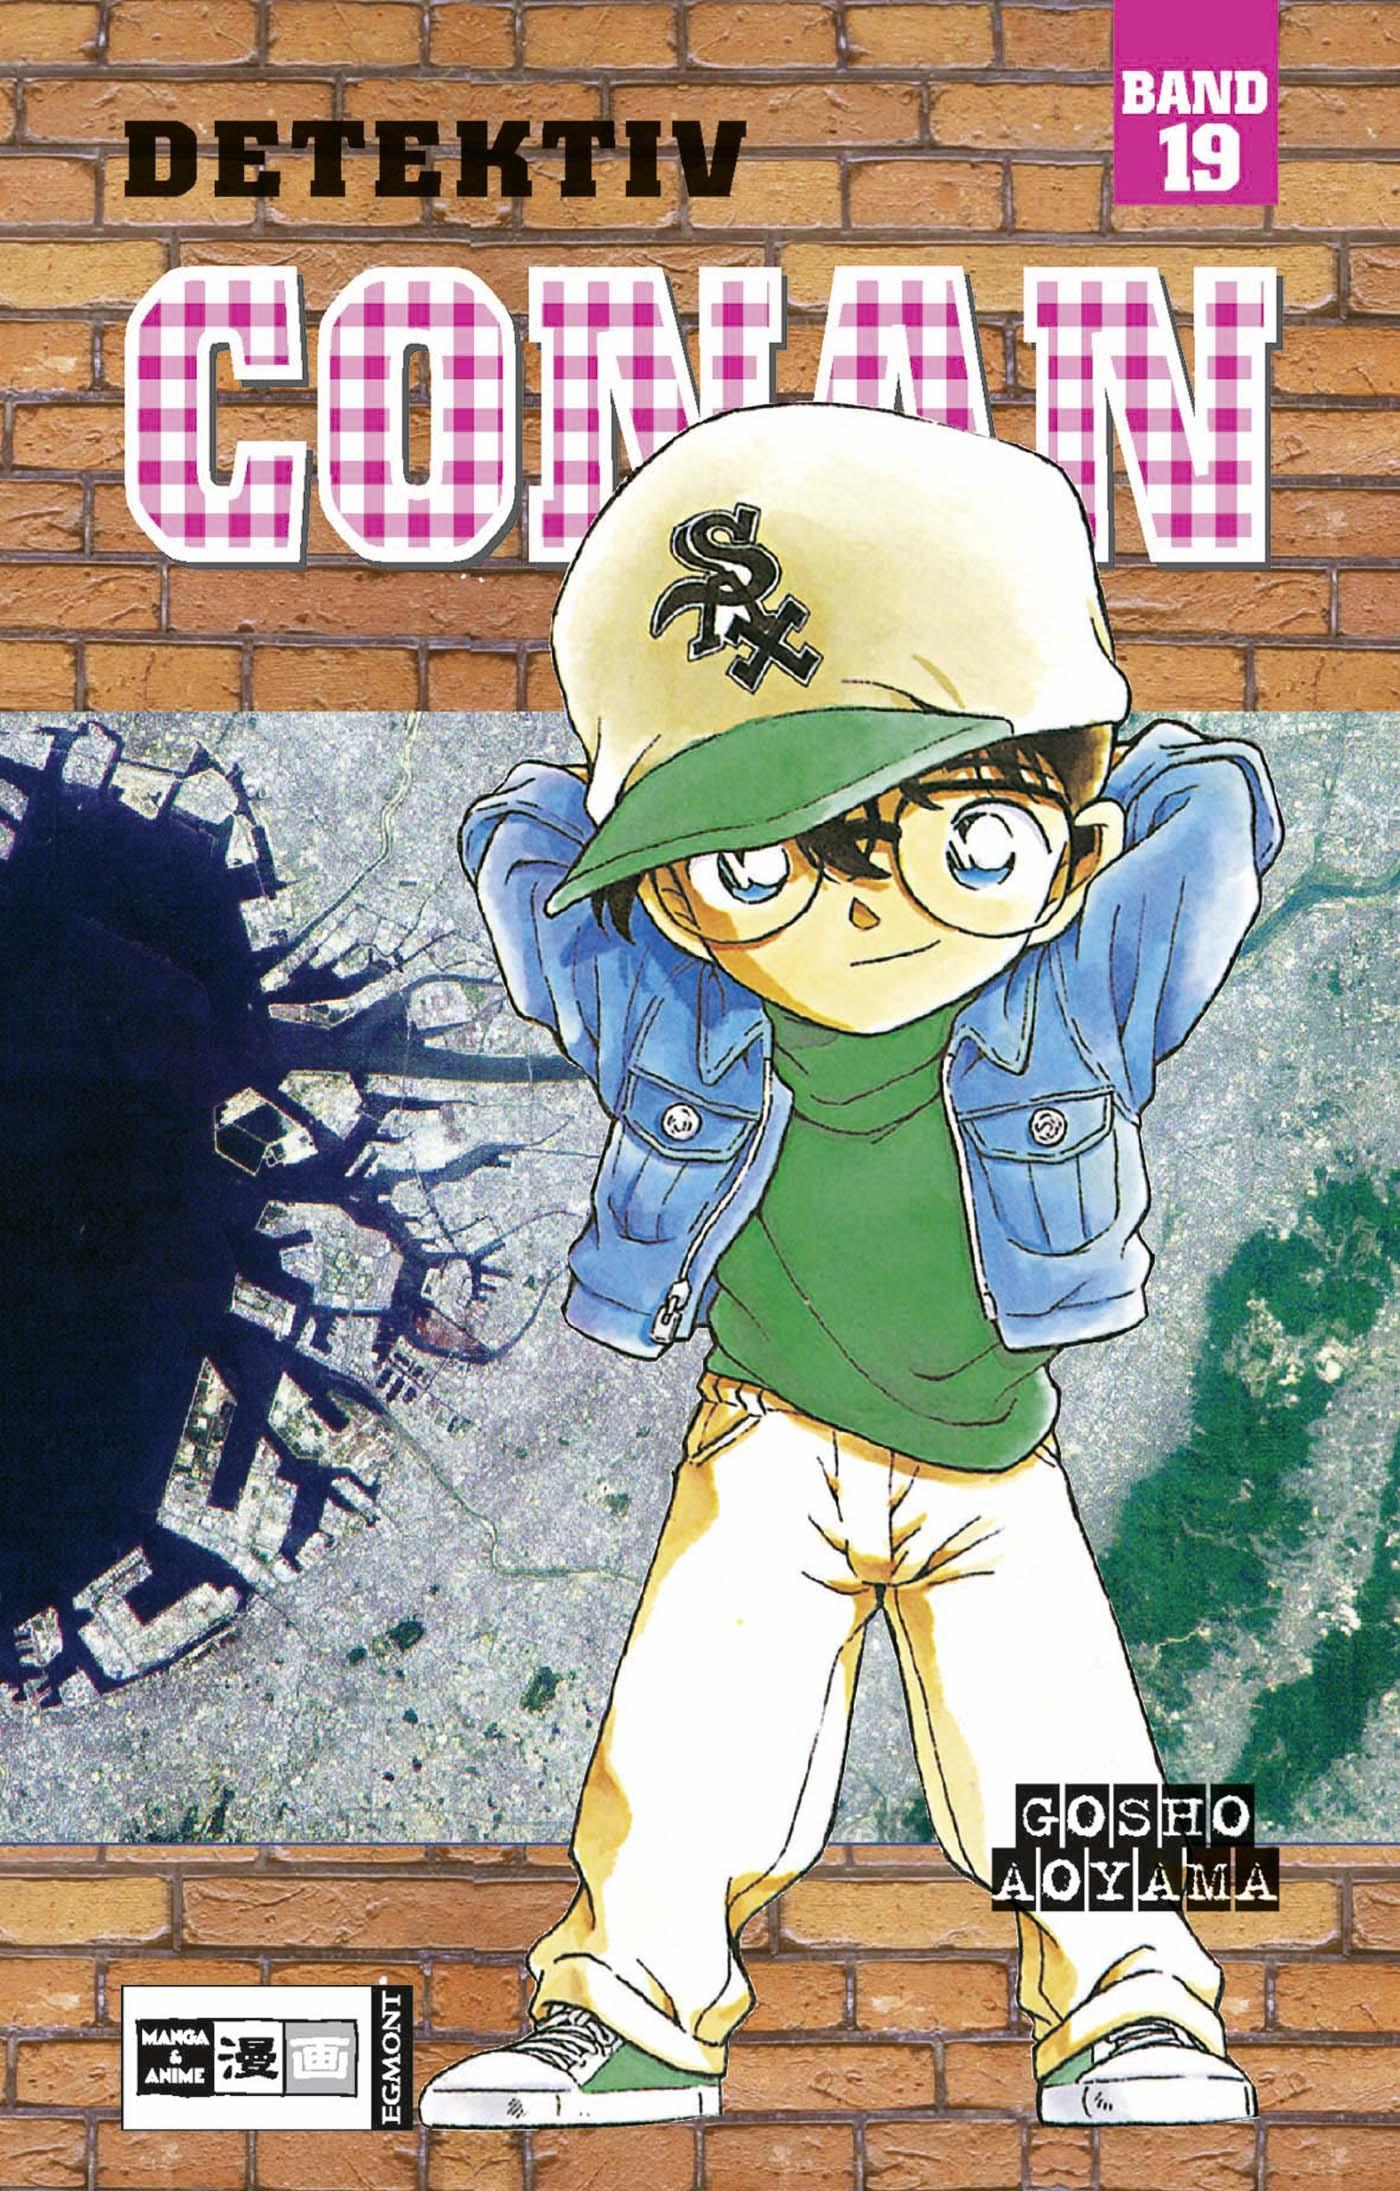 Detektiv Conan 19 Gosho Aoyama 9783898854009